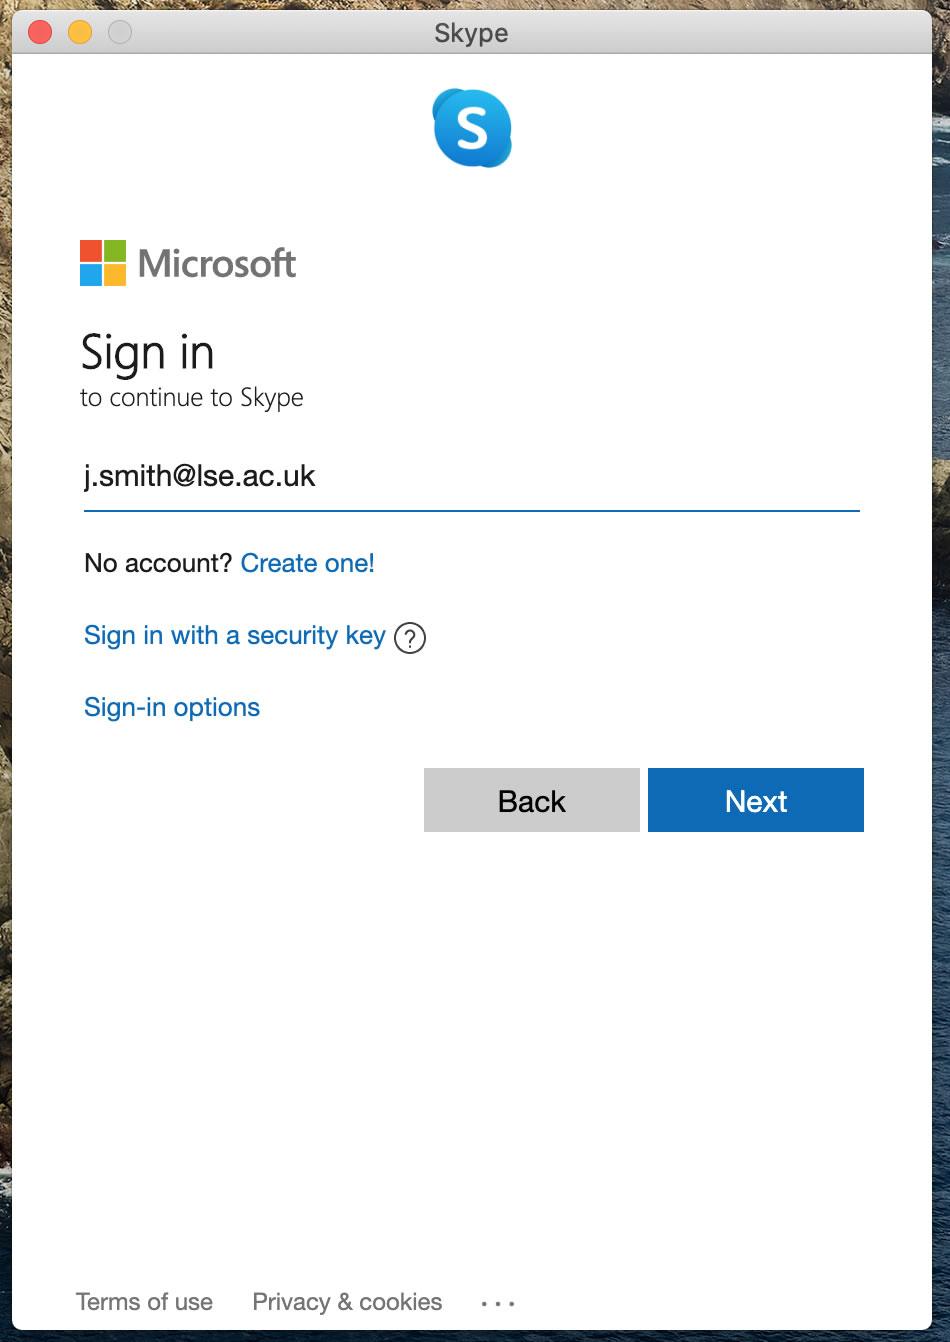 [Skype Sign in username]